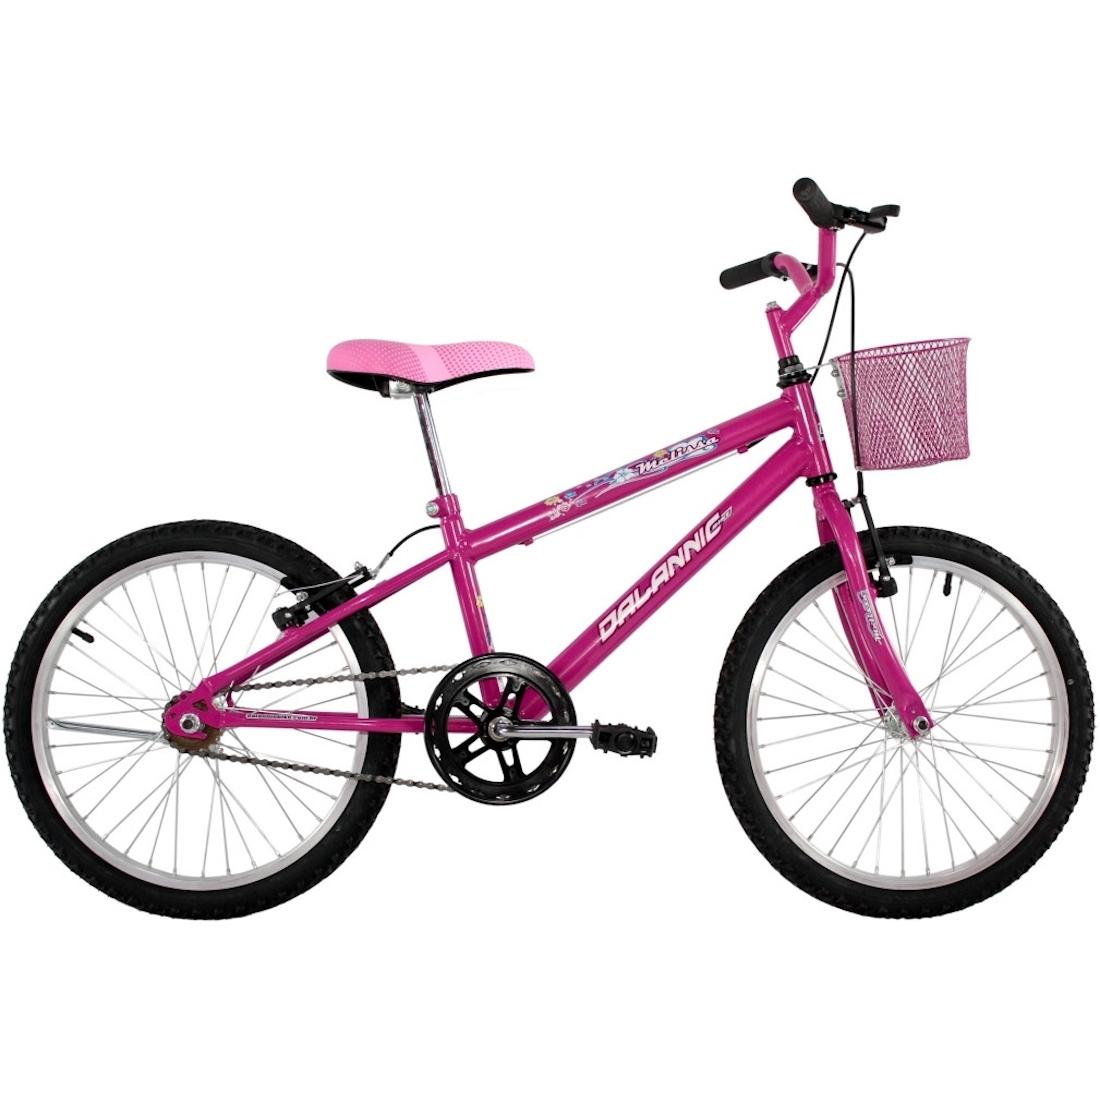 Bicicleta Feminina Aro 20 Melissa com Cestinha cor Pink